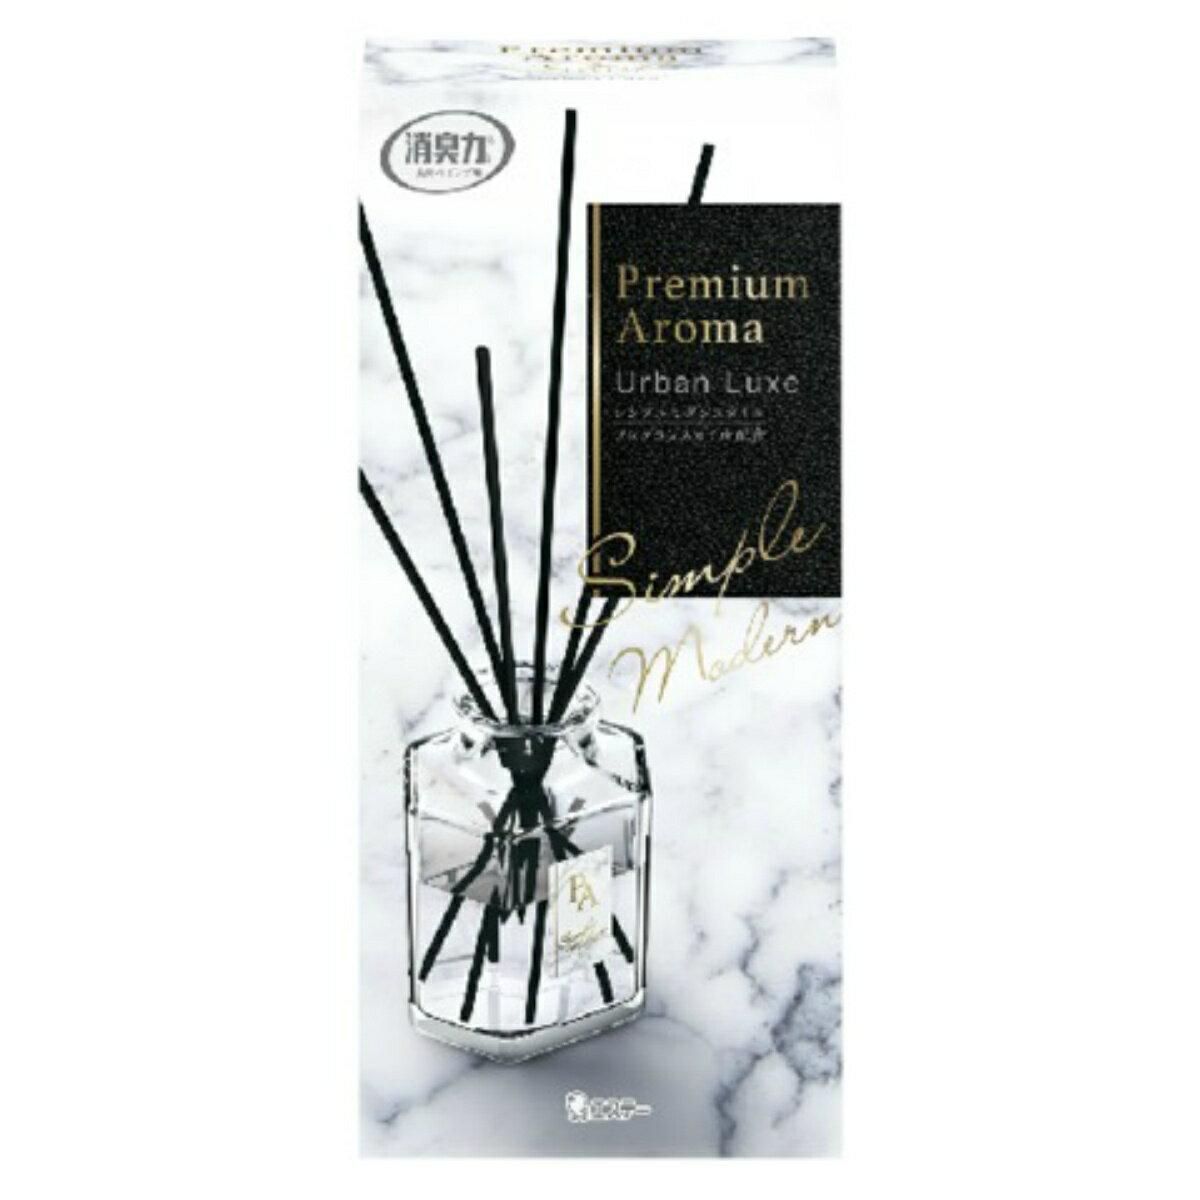 エステー お部屋の消臭力 Premium Aroma Stick プレミアムアロマ スティック アーバンリュクス 本体 50ml